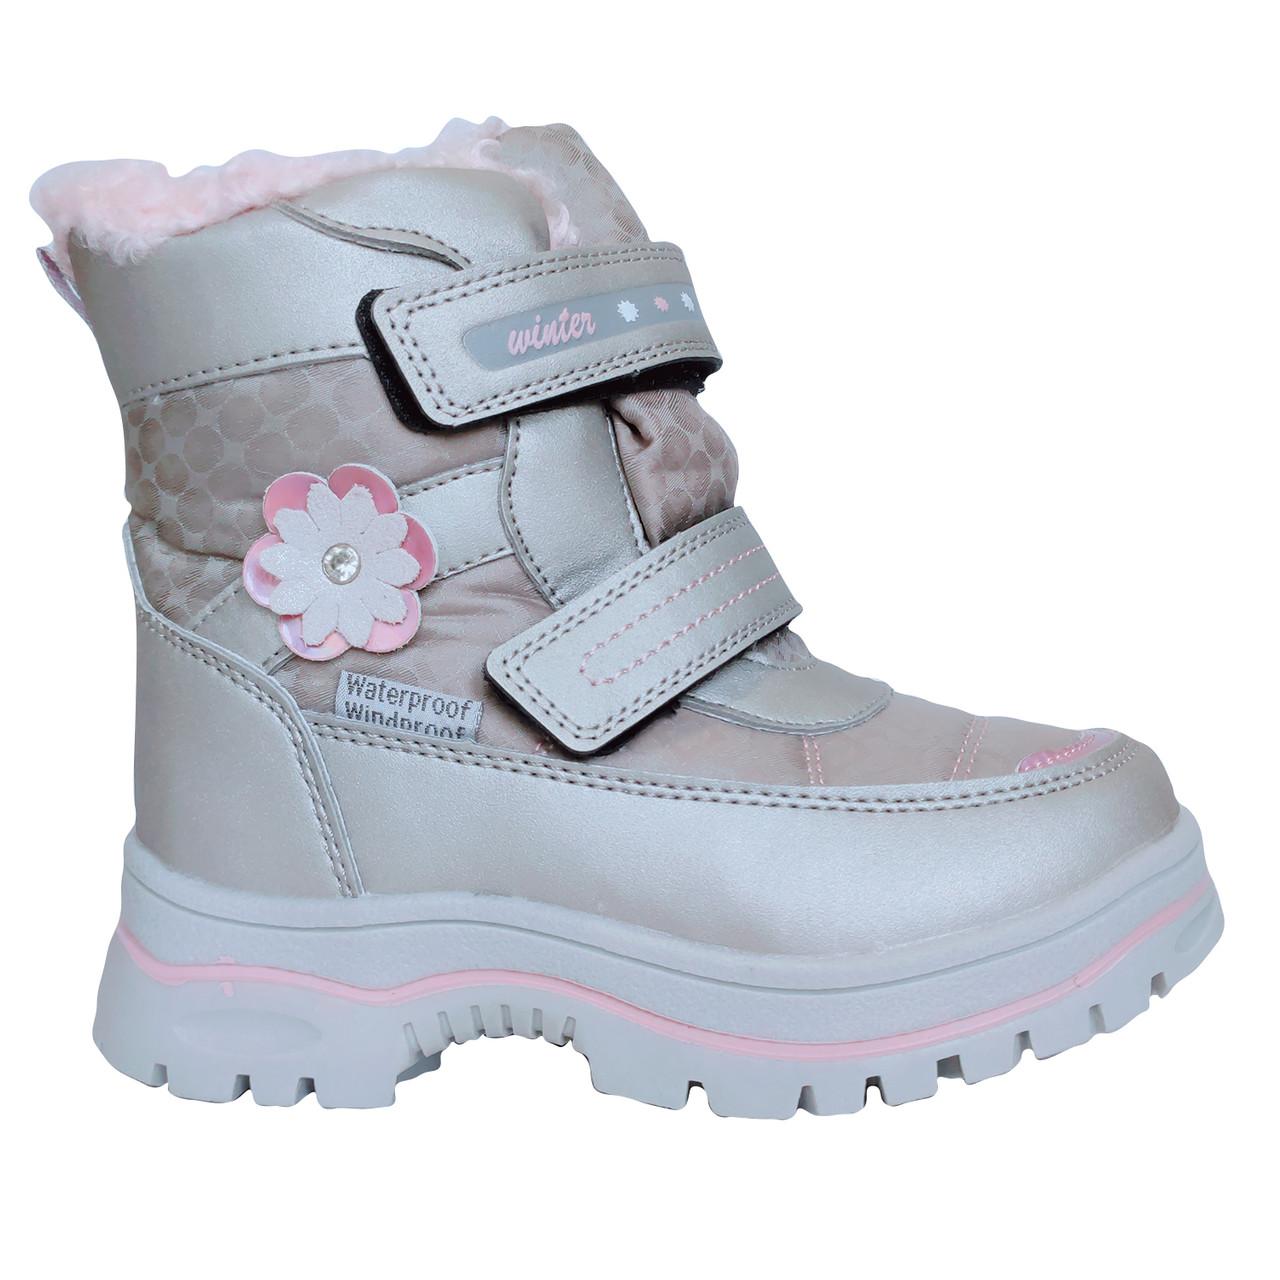 Зимние термо-сапожки от Том М девочкам, р 27 стелька 17,2 см Серебряные детские термо ботинки